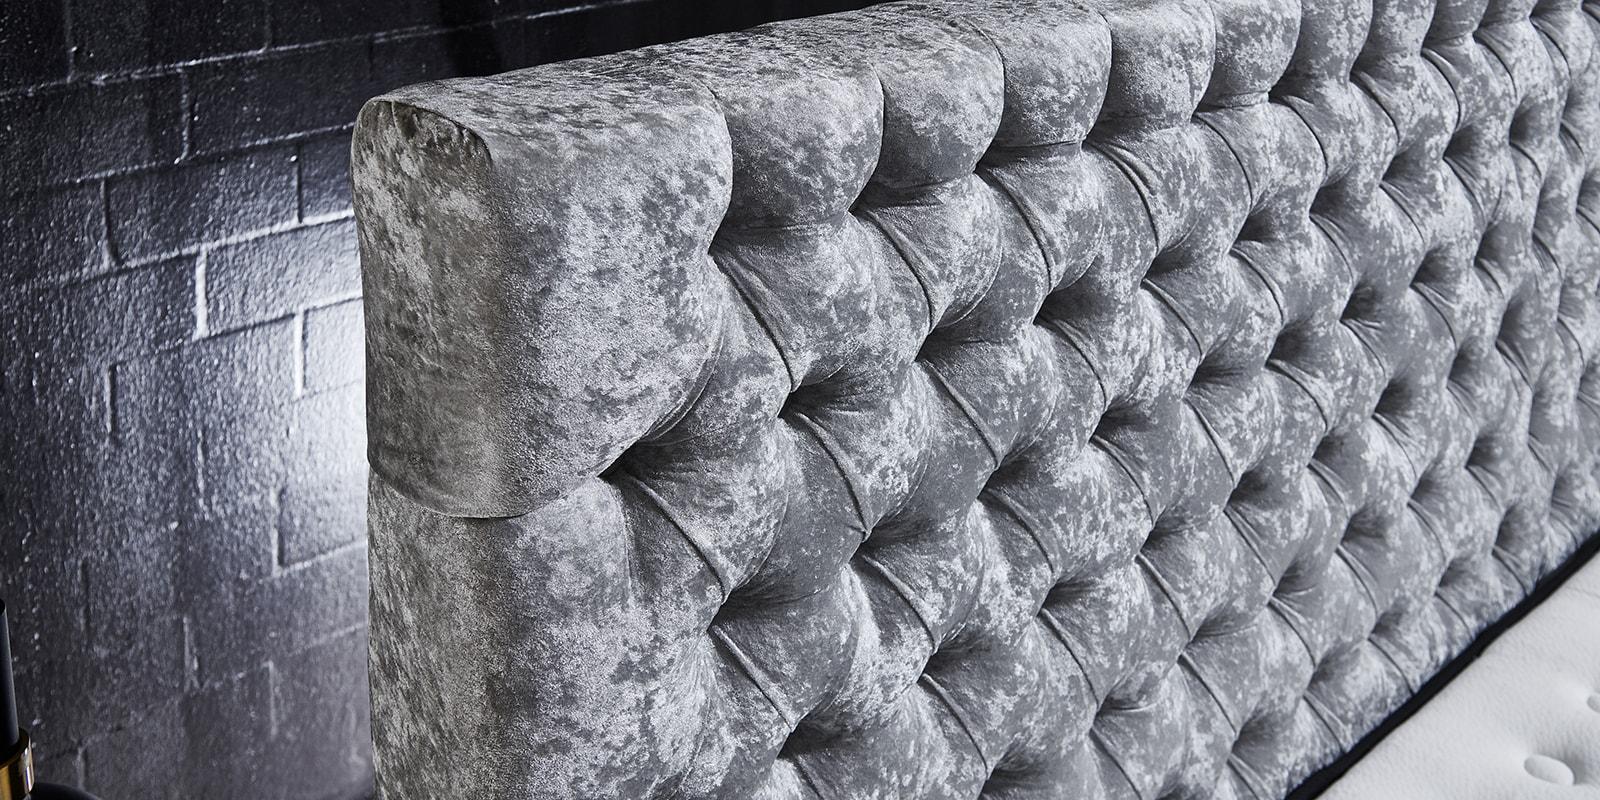 Moebella24 - Boxspringbett Manchester - Kopfteil mit Knopfheftung - Chesterfield-Stil - Barock-Stil - Samt glänzend silber Kopfteil von der Seite